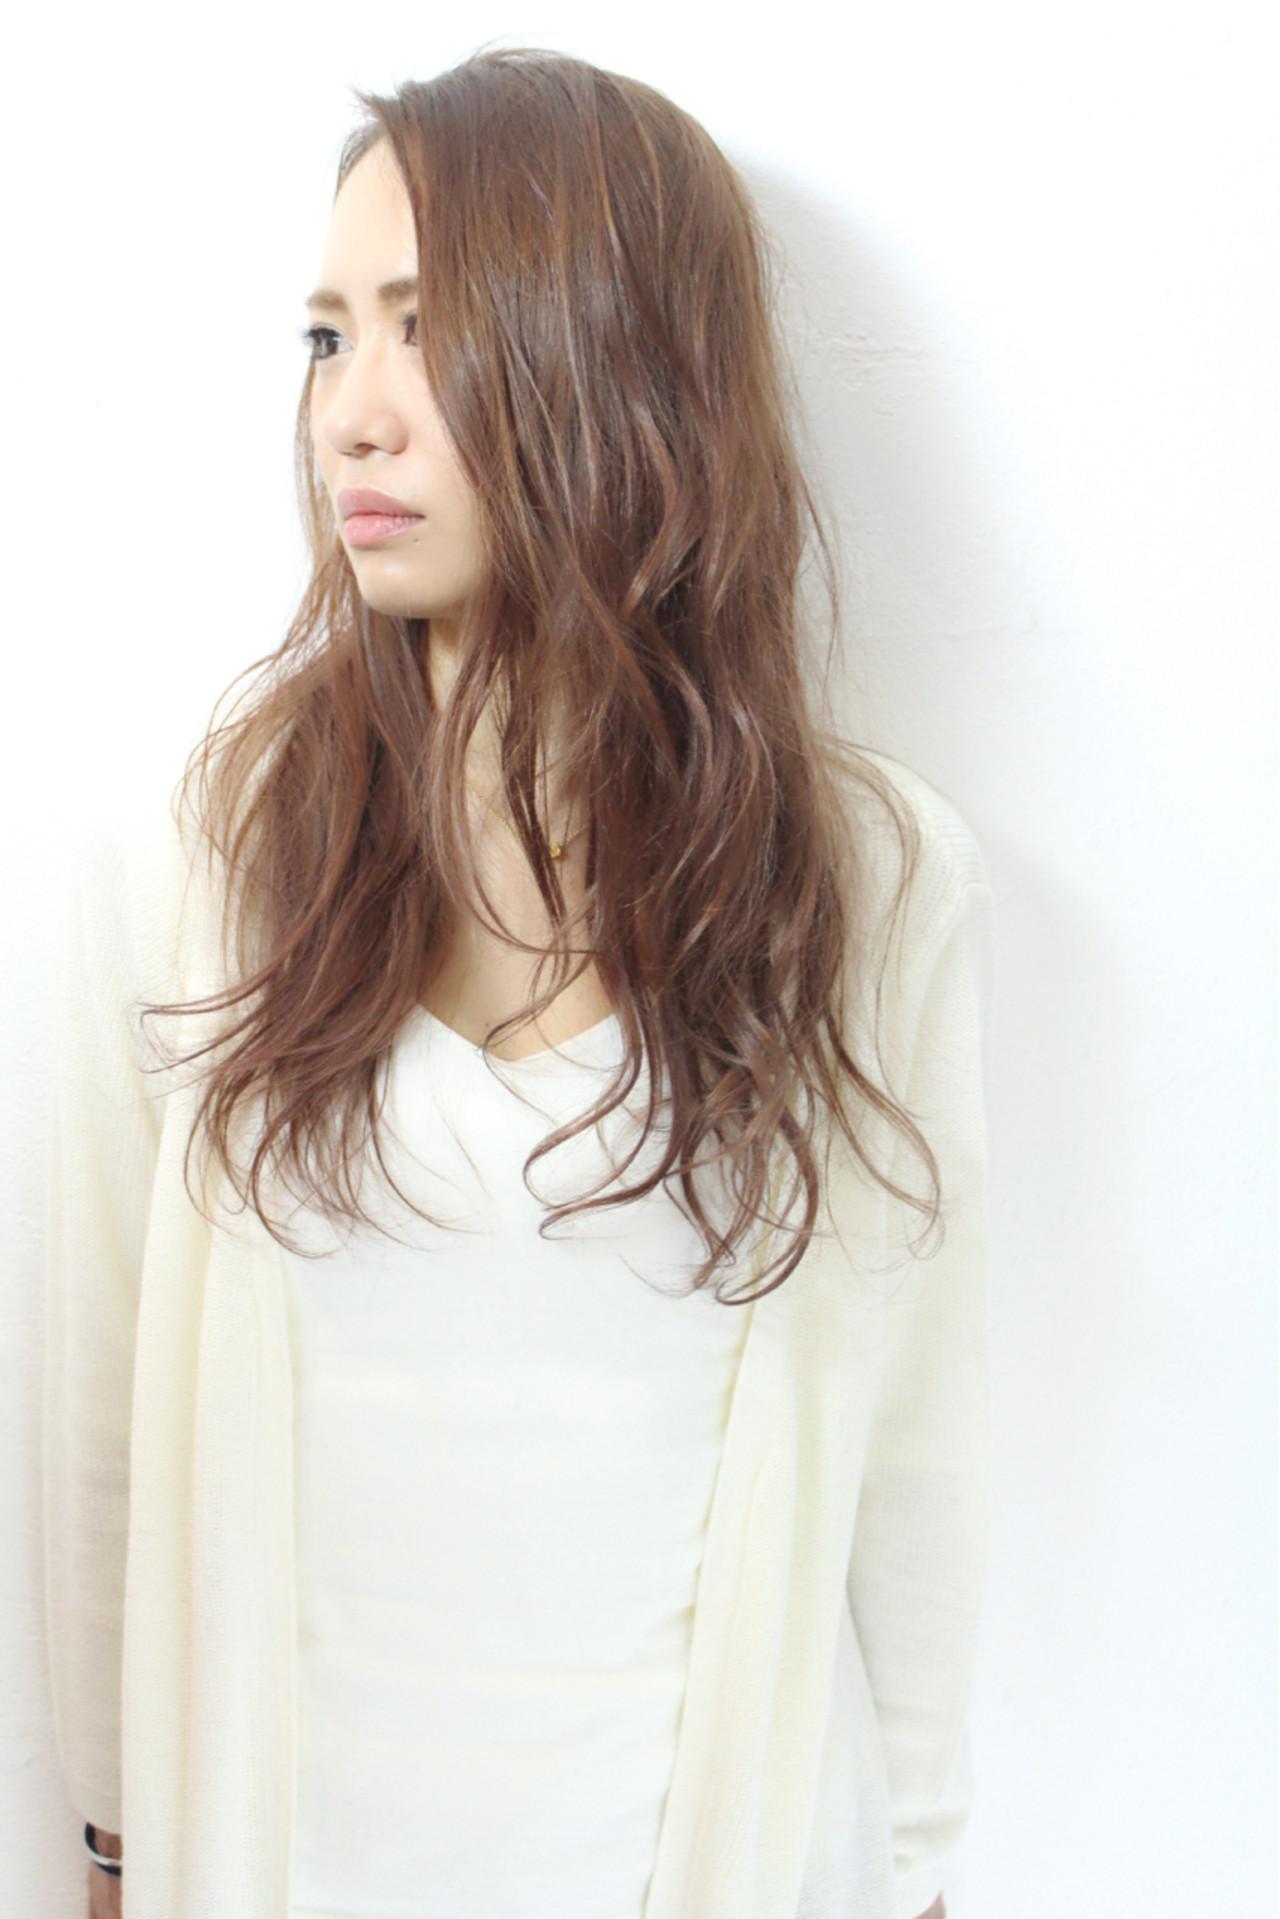 透明感 大人女子 パーマ 外国人風 ヘアスタイルや髪型の写真・画像